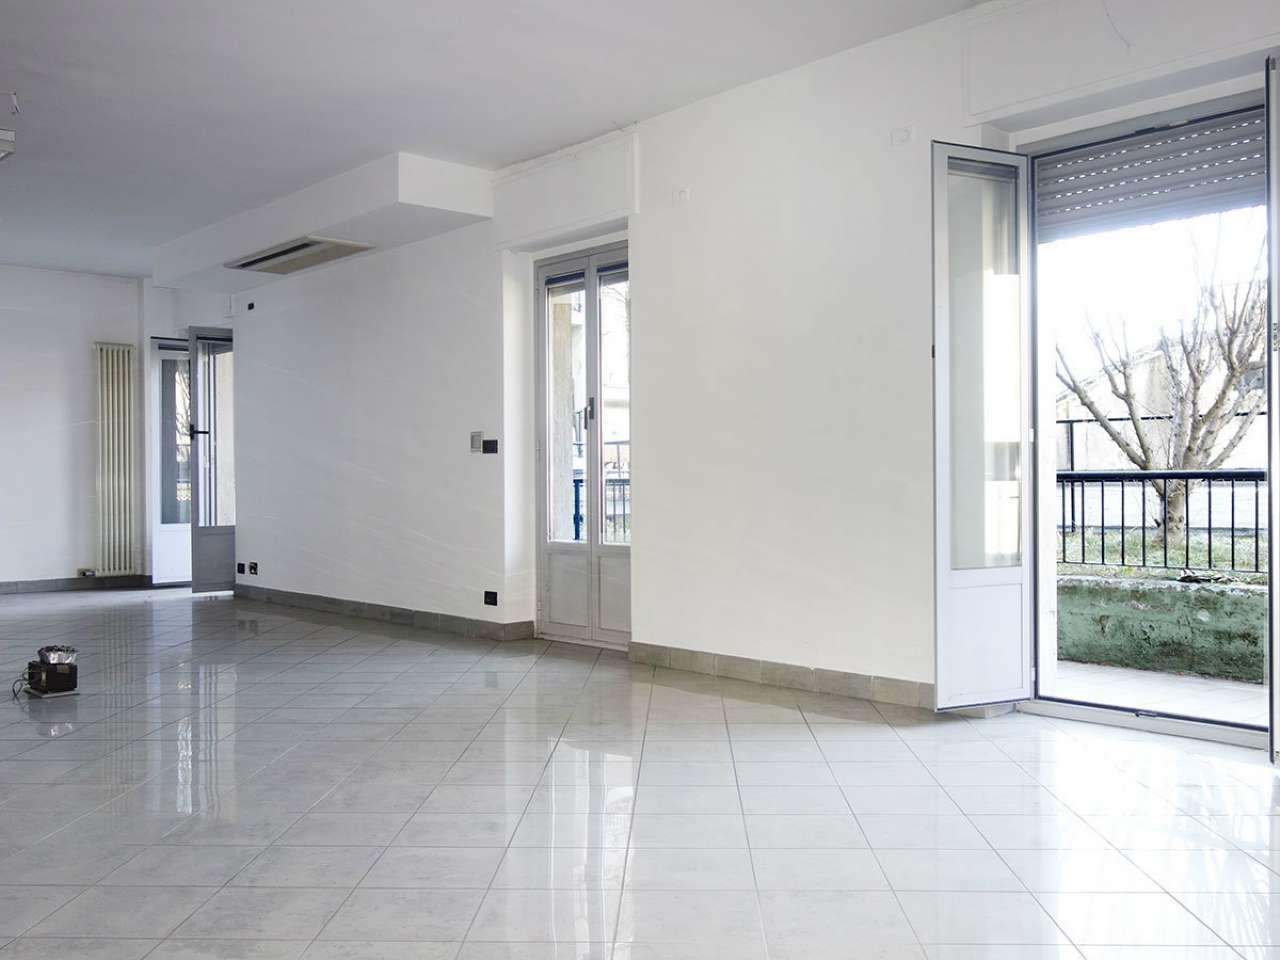 Ufficio / Studio in vendita a Aosta, 2 locali, prezzo € 160.000 | CambioCasa.it